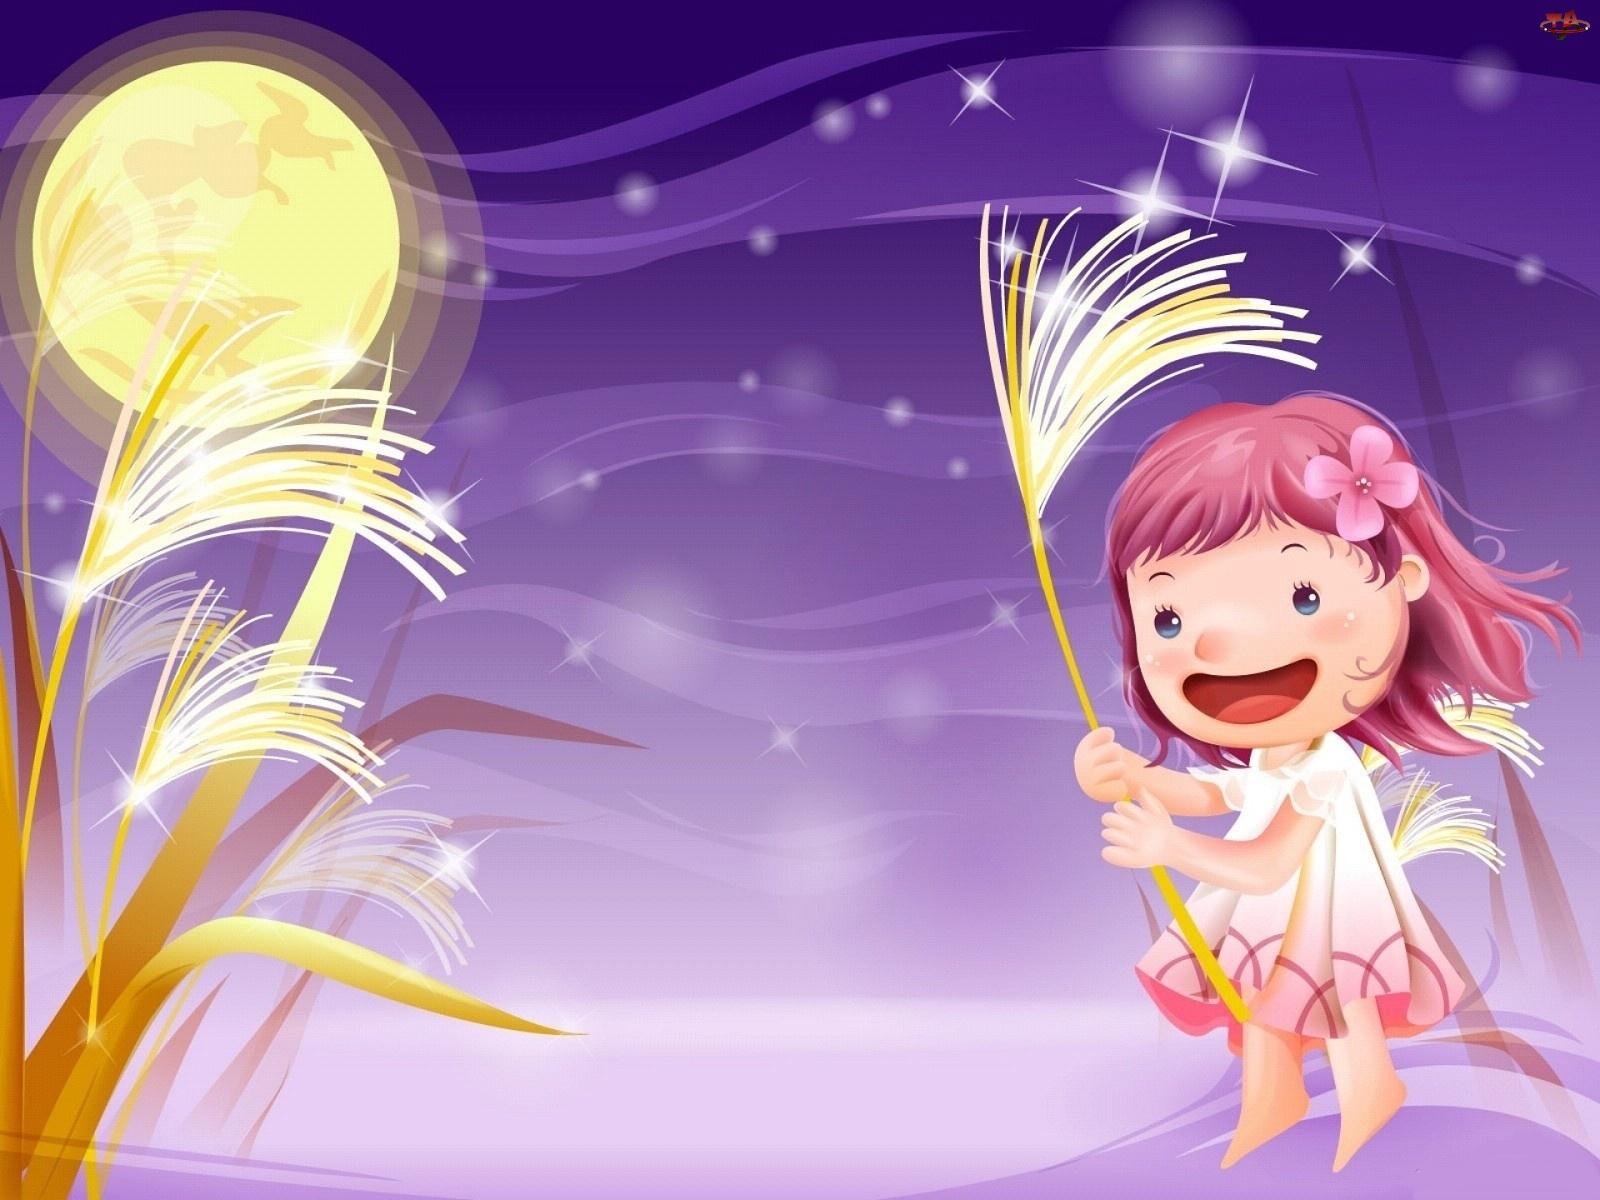 Wieczór, Trawa, Księżyc, Dziecko